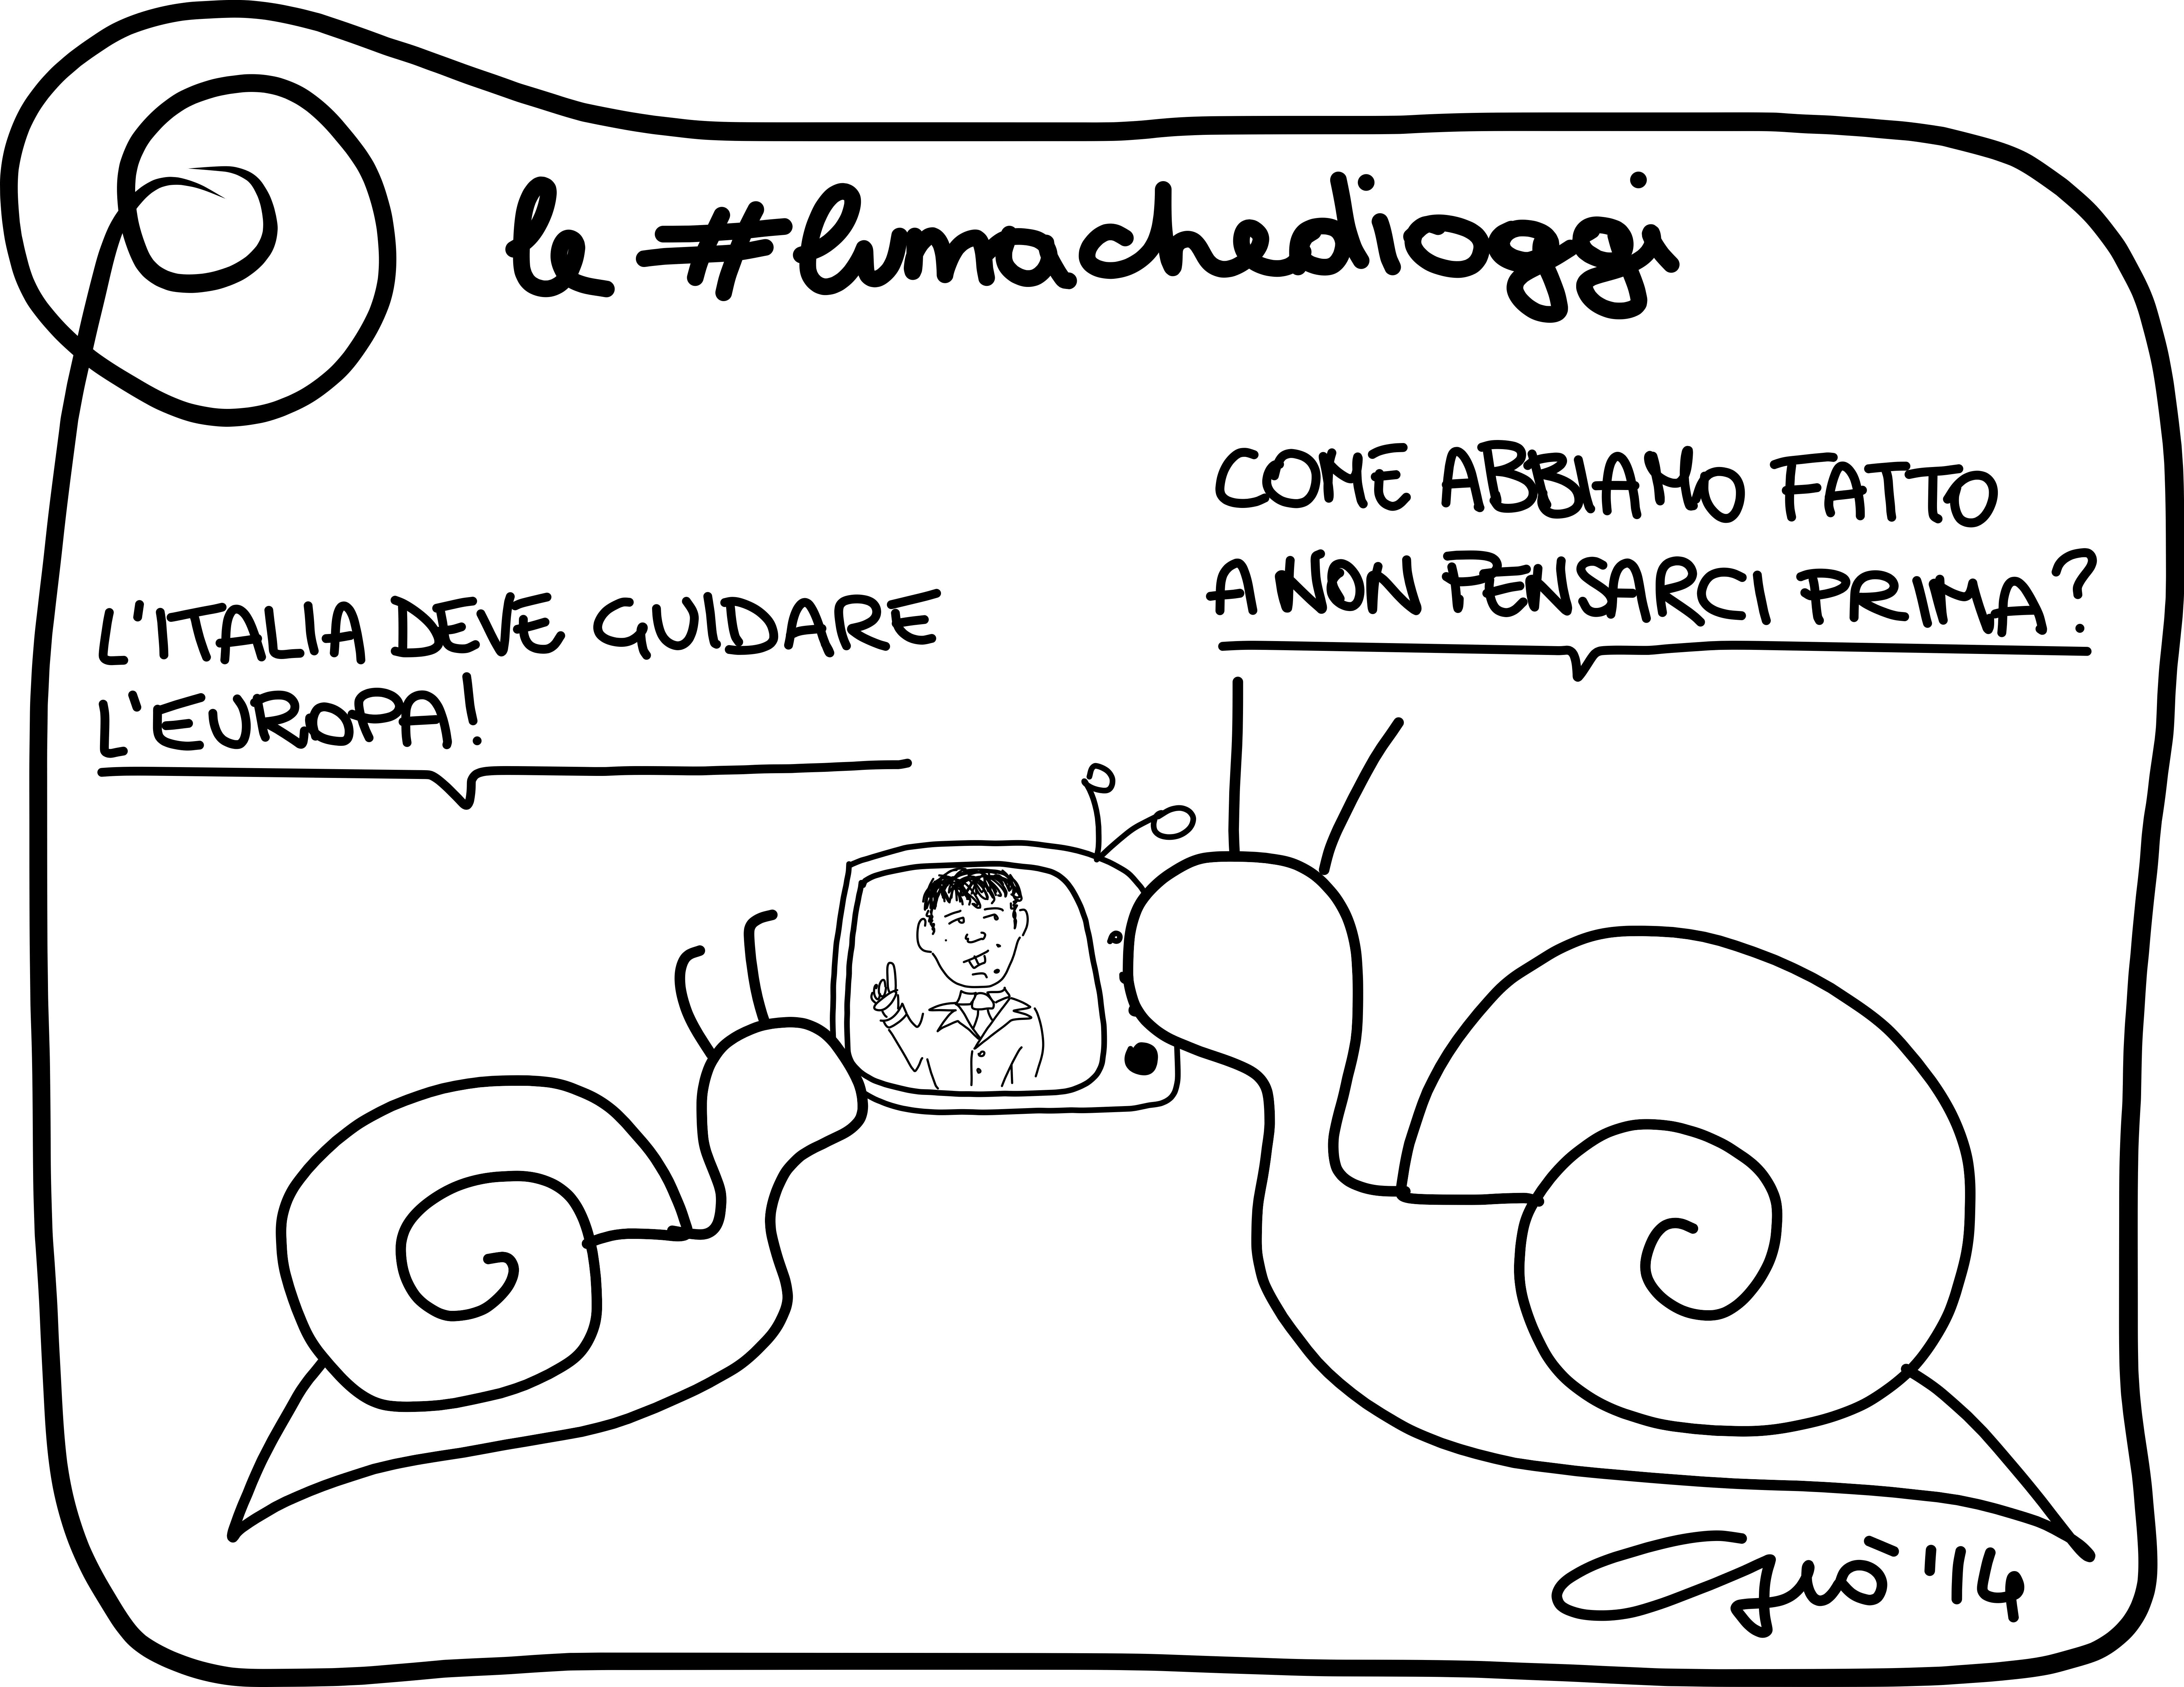 #lumachedioggi di Giovanni Laccetti del 17.3.2014